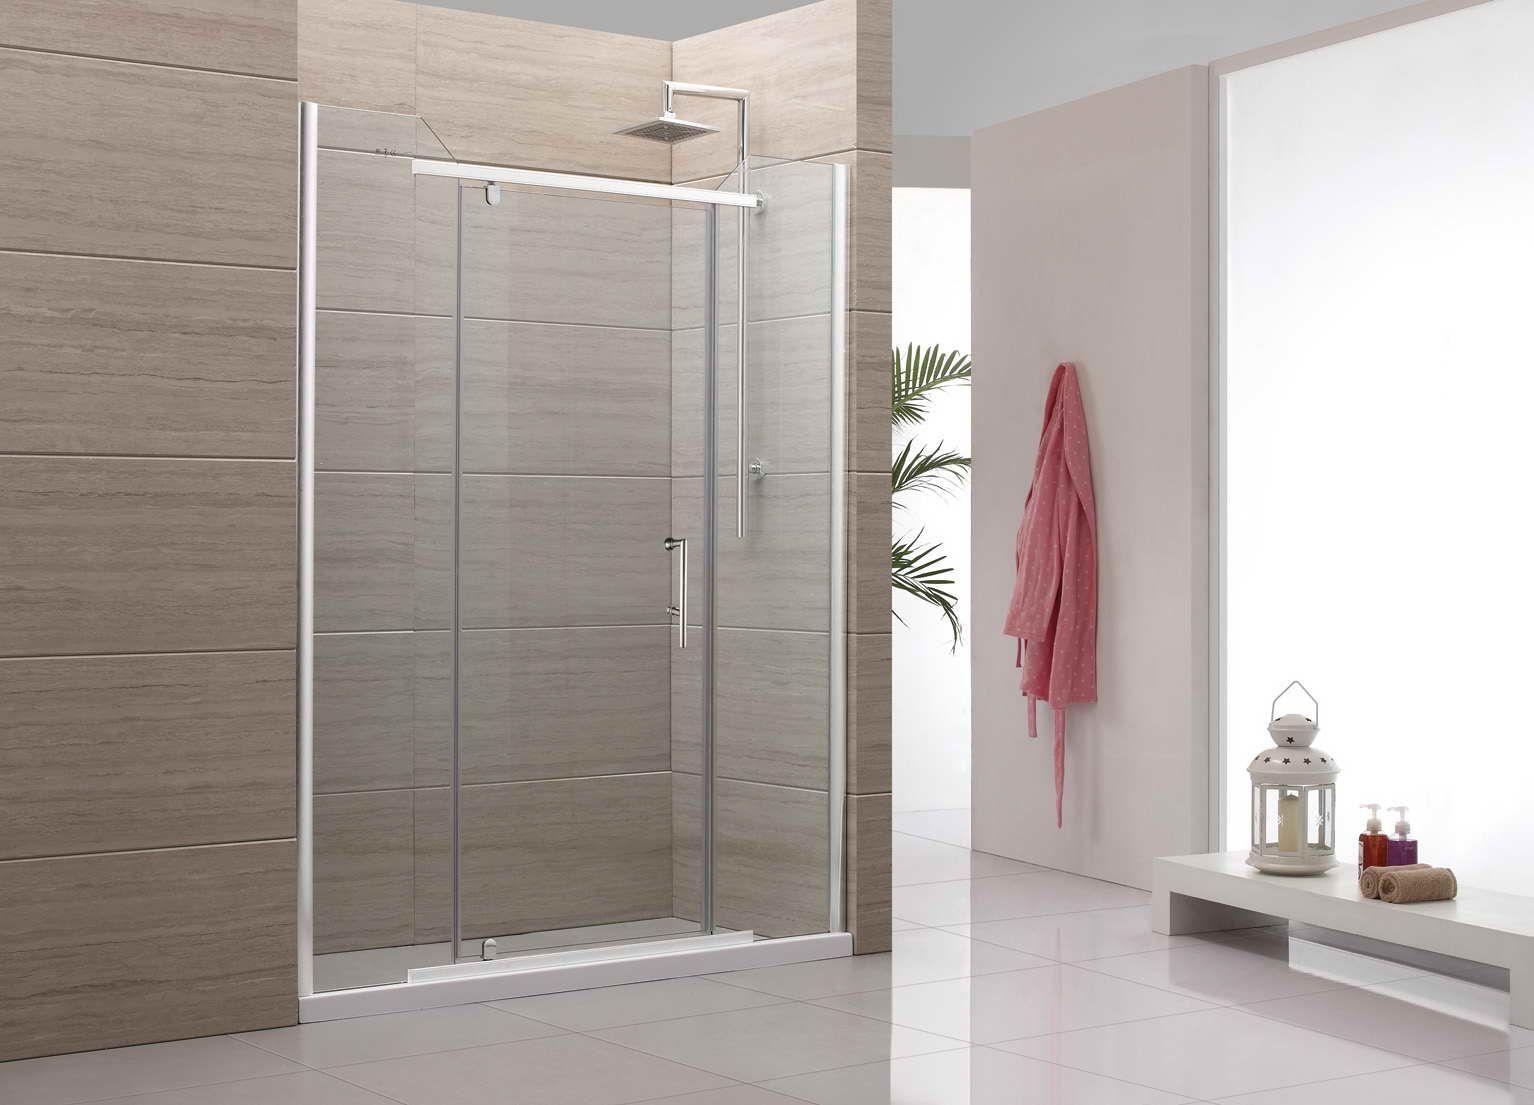 Sliding glass doors bathroom - Shower Door Ideas For Your Bathroom Inspiring Design Ideas Of Frameless Shower Doors Sliding Shower Doors And Many Kind Of Glass Shower Doors